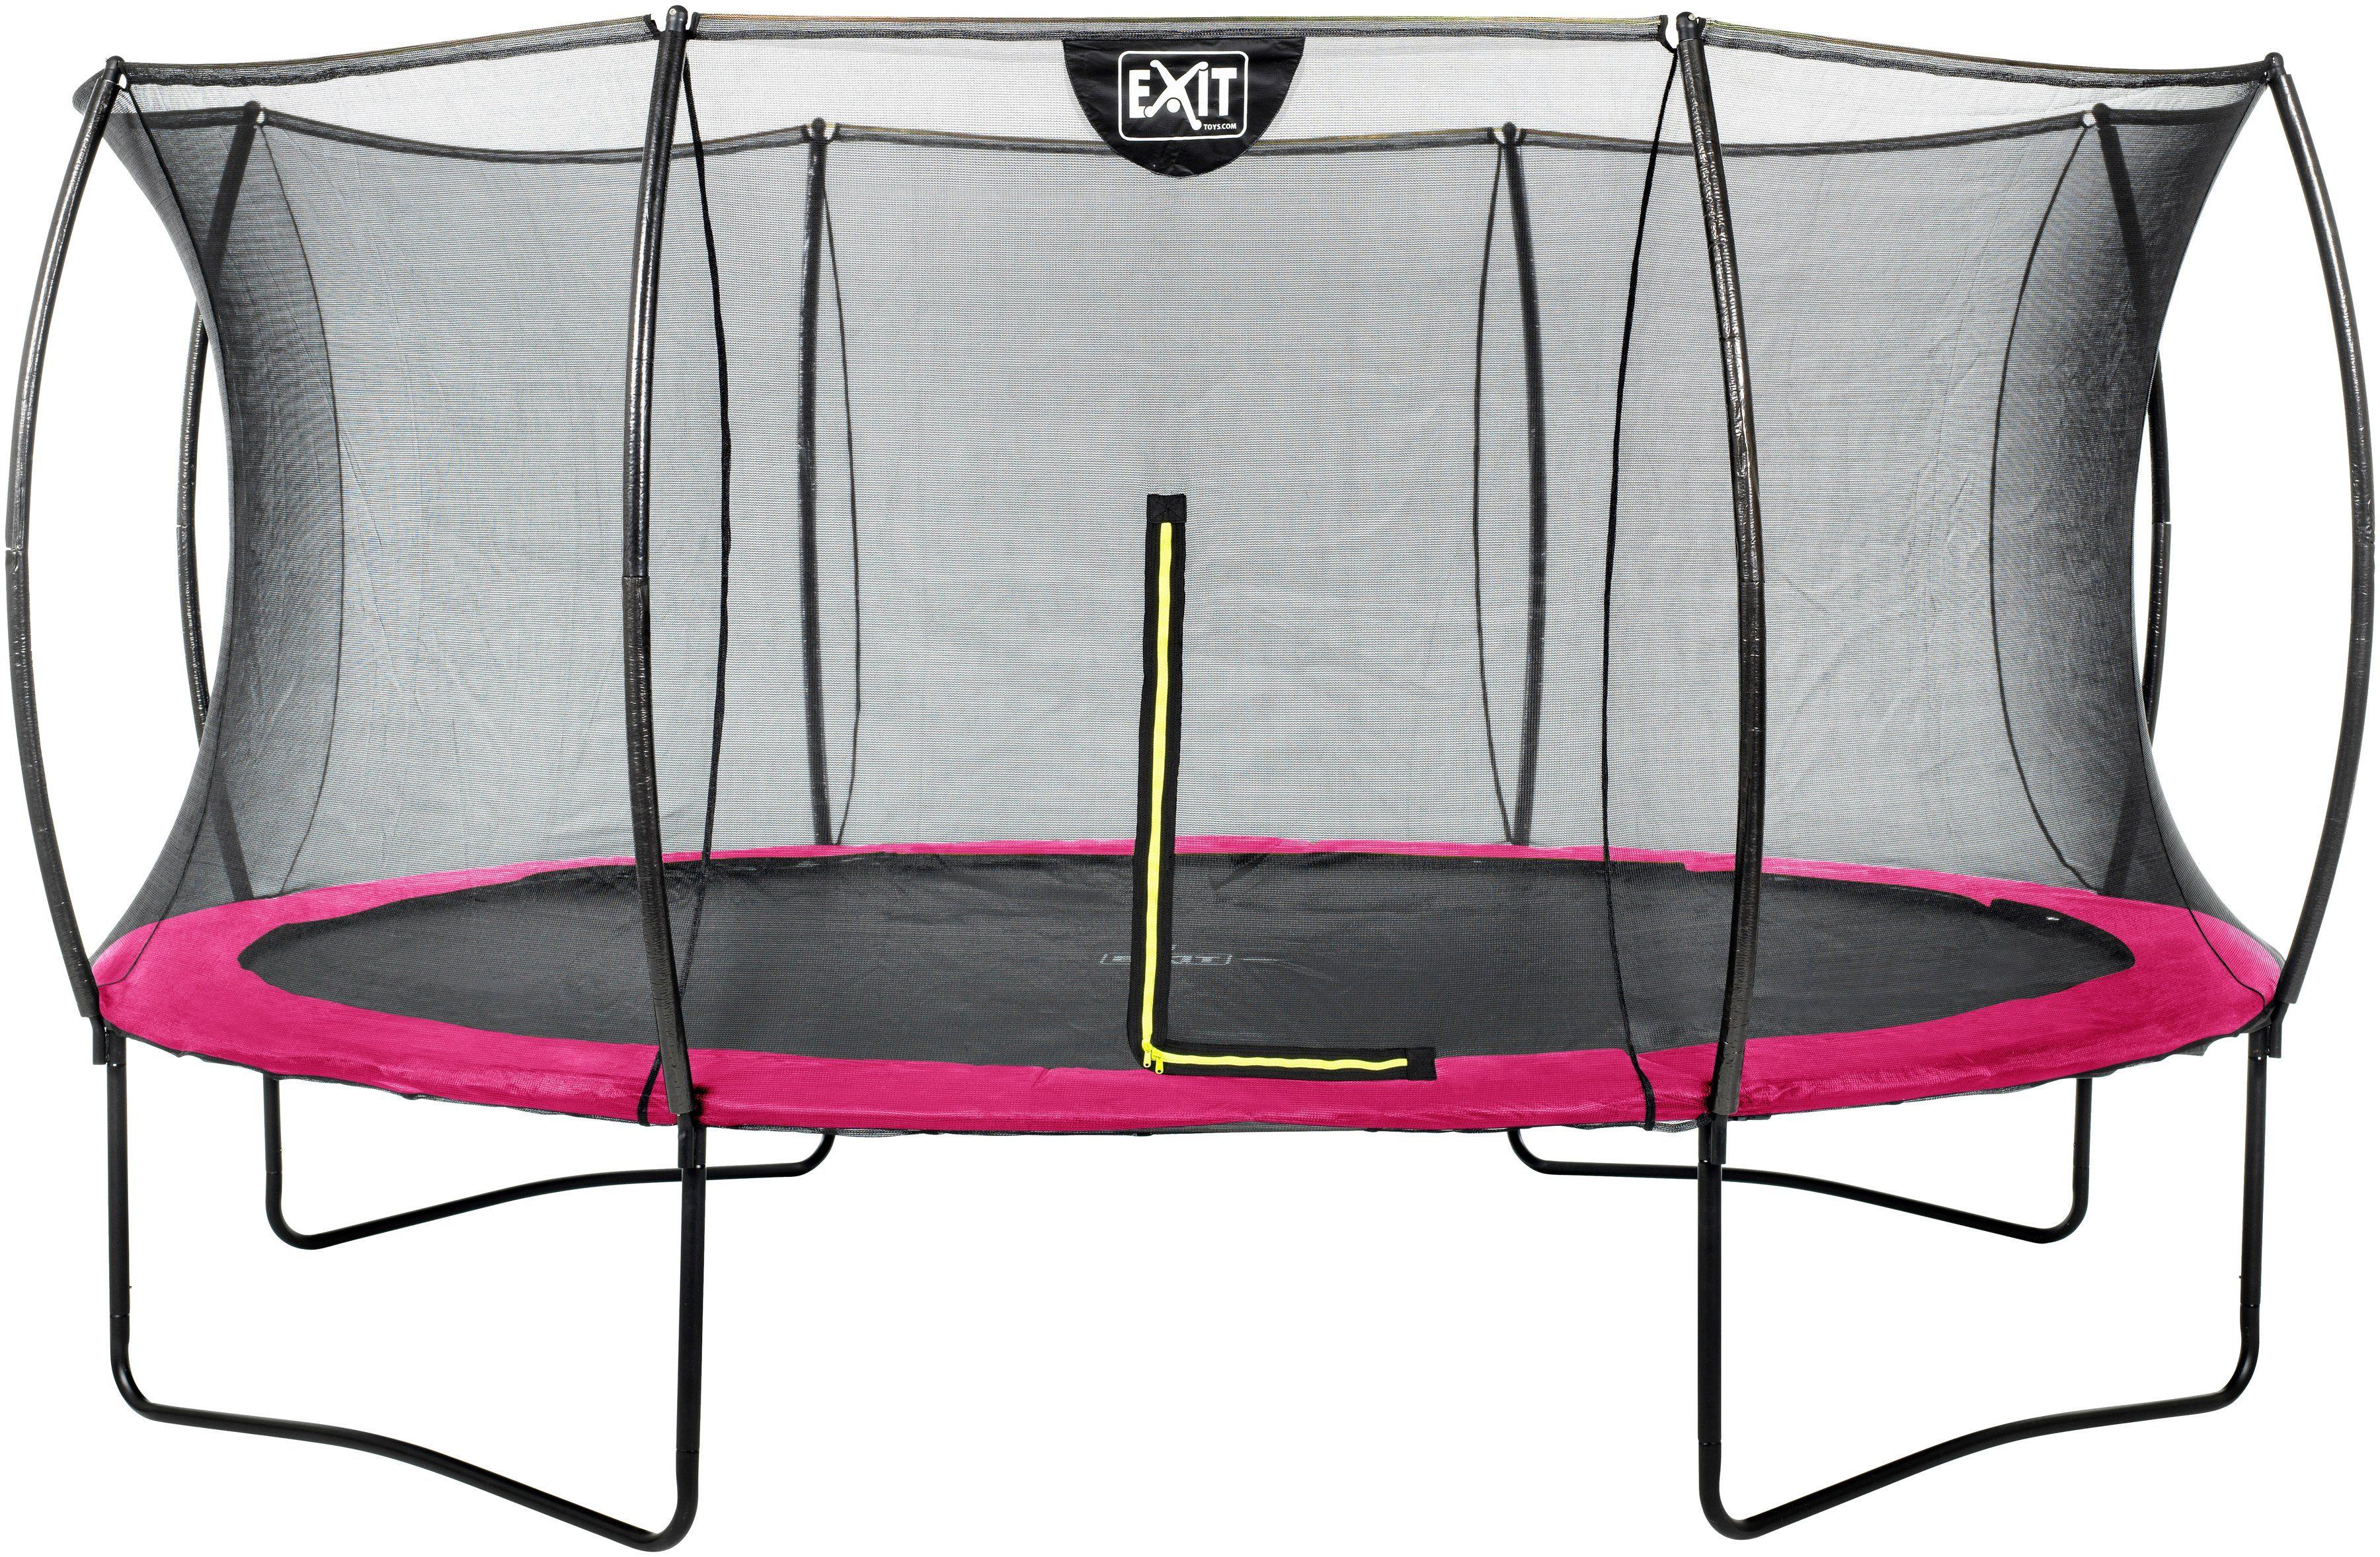 EXIT Trampolin »Silhouette«, Ø 427 cm, mit Sicherheitsnetz rosa